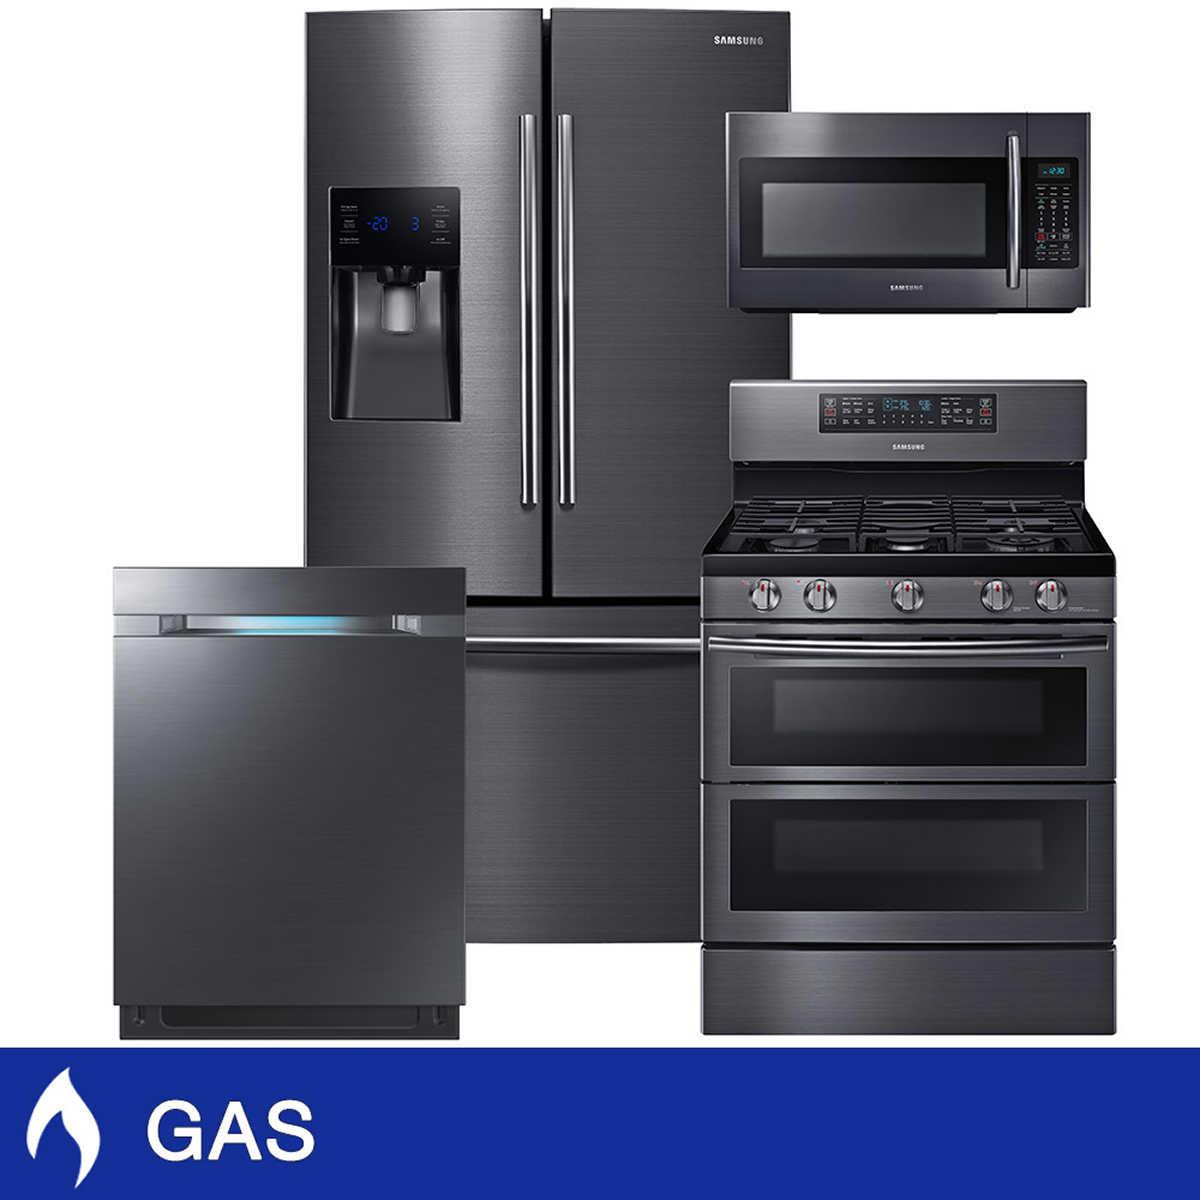 samsung 4-piece gas 25cuft 3-door french door refrigerator kitchen